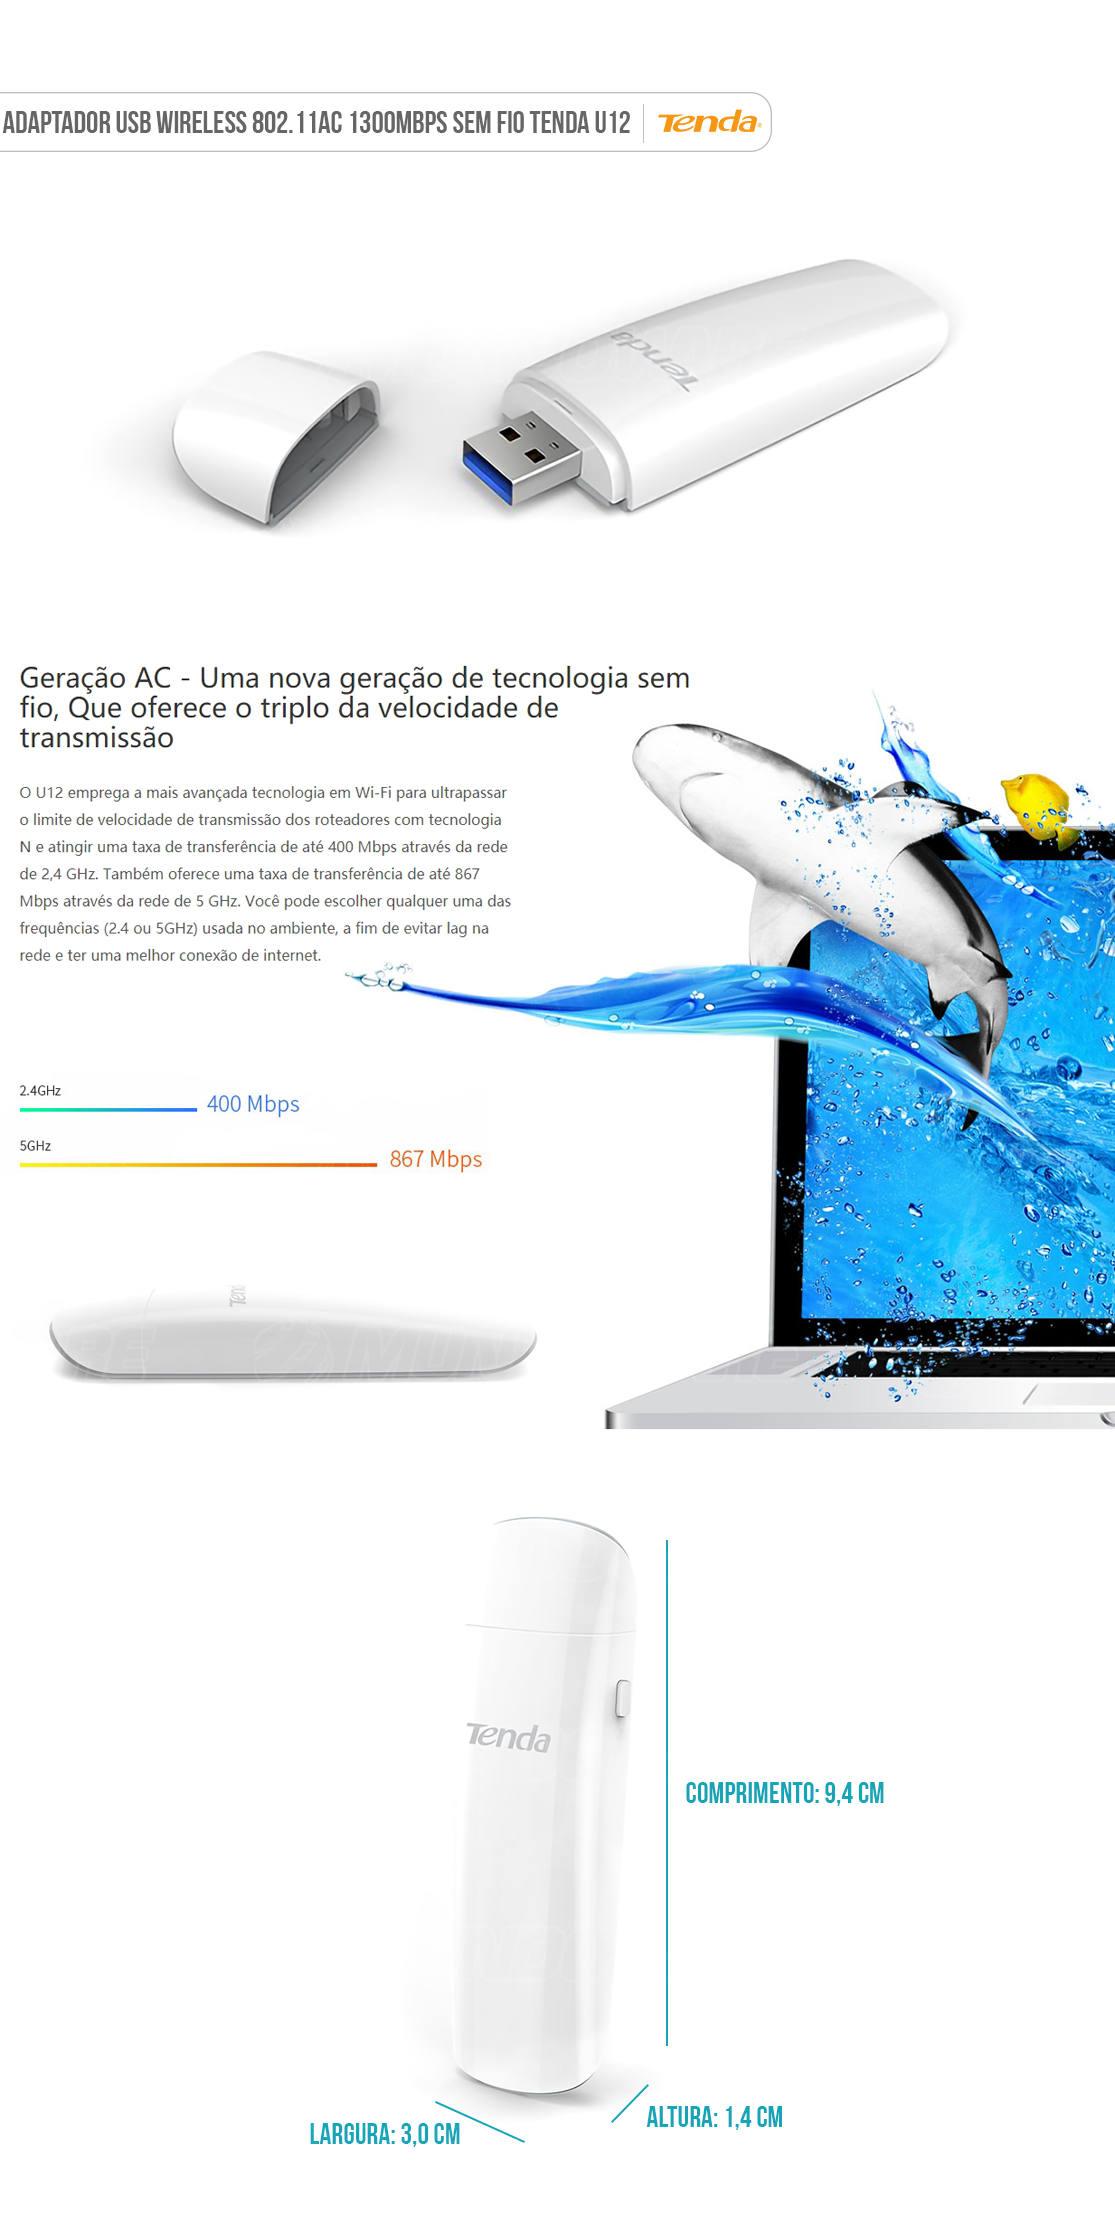 Adaptador USB Wireless 1300Mbps 802.11AC Sem Fio Tenda U12